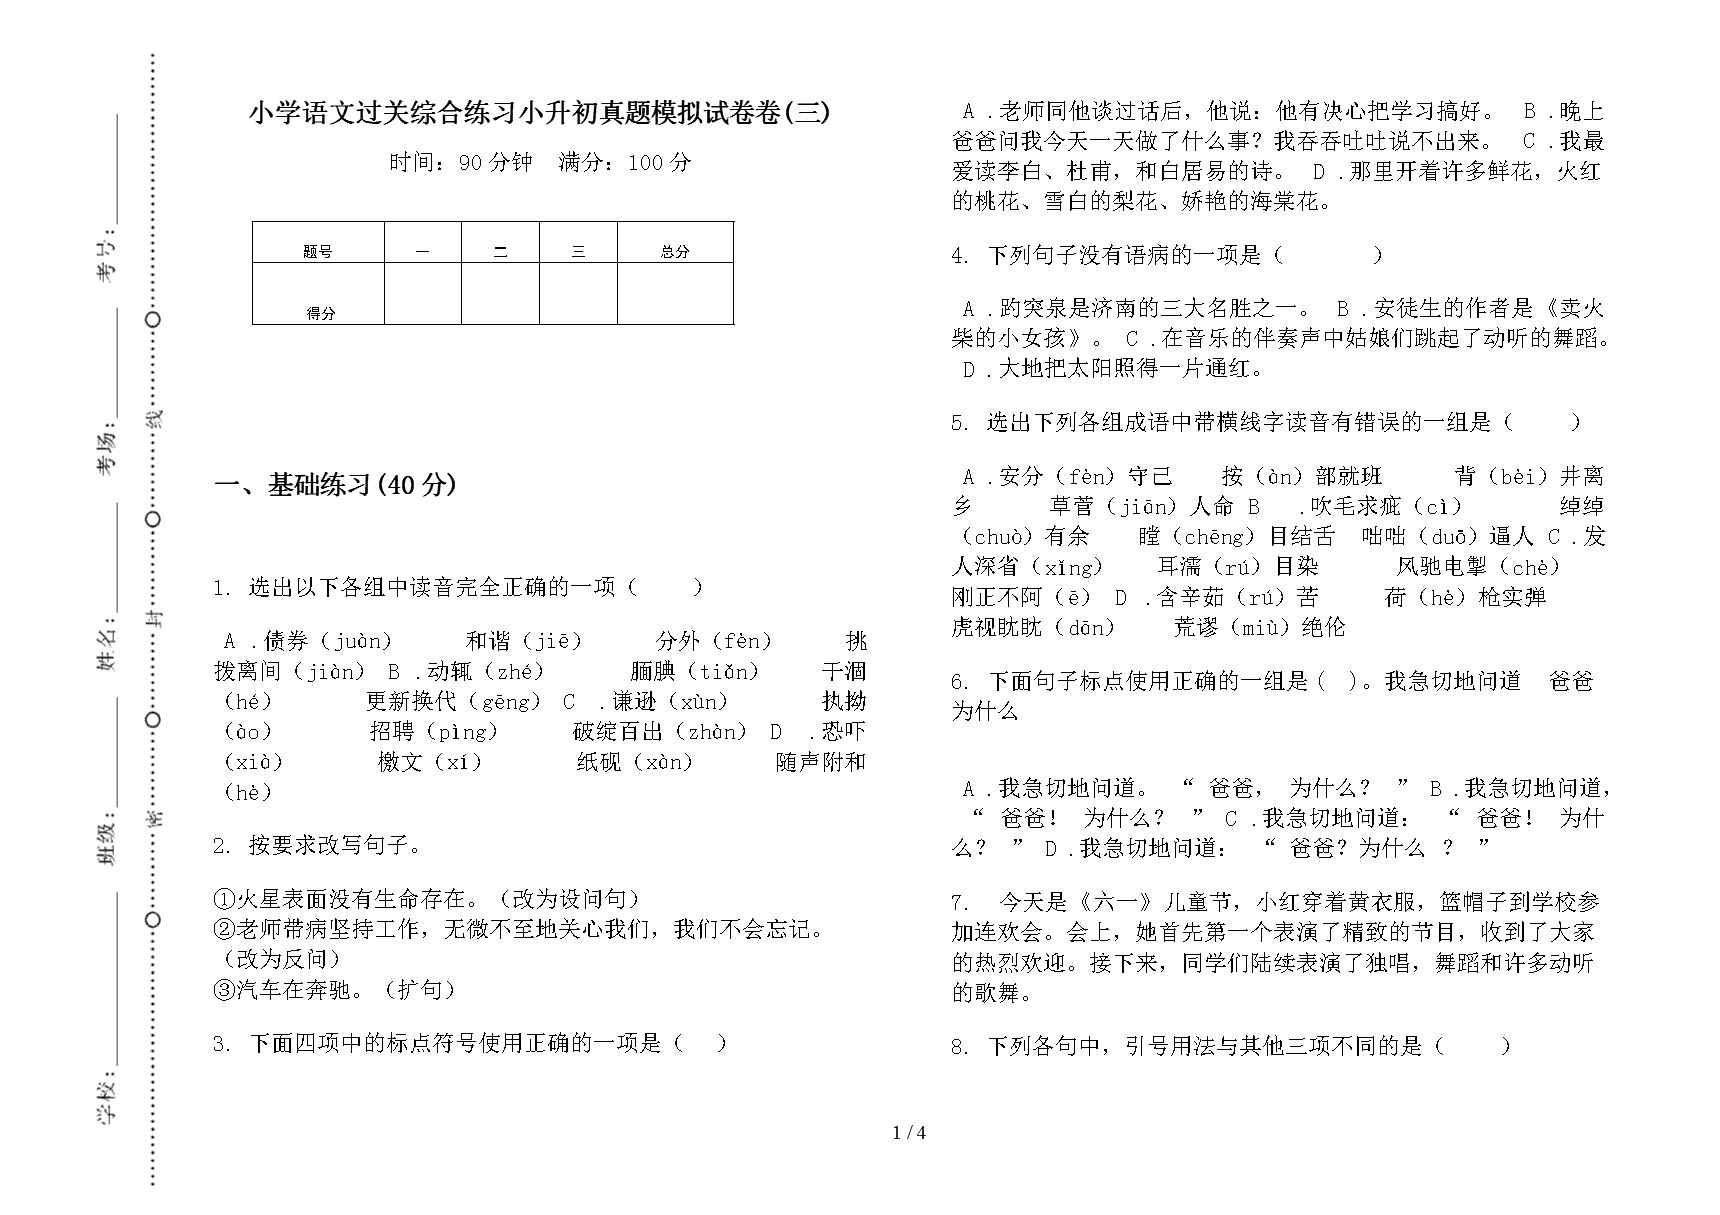 小学语文过关综合练习小升初真题模拟试卷卷(三).docx